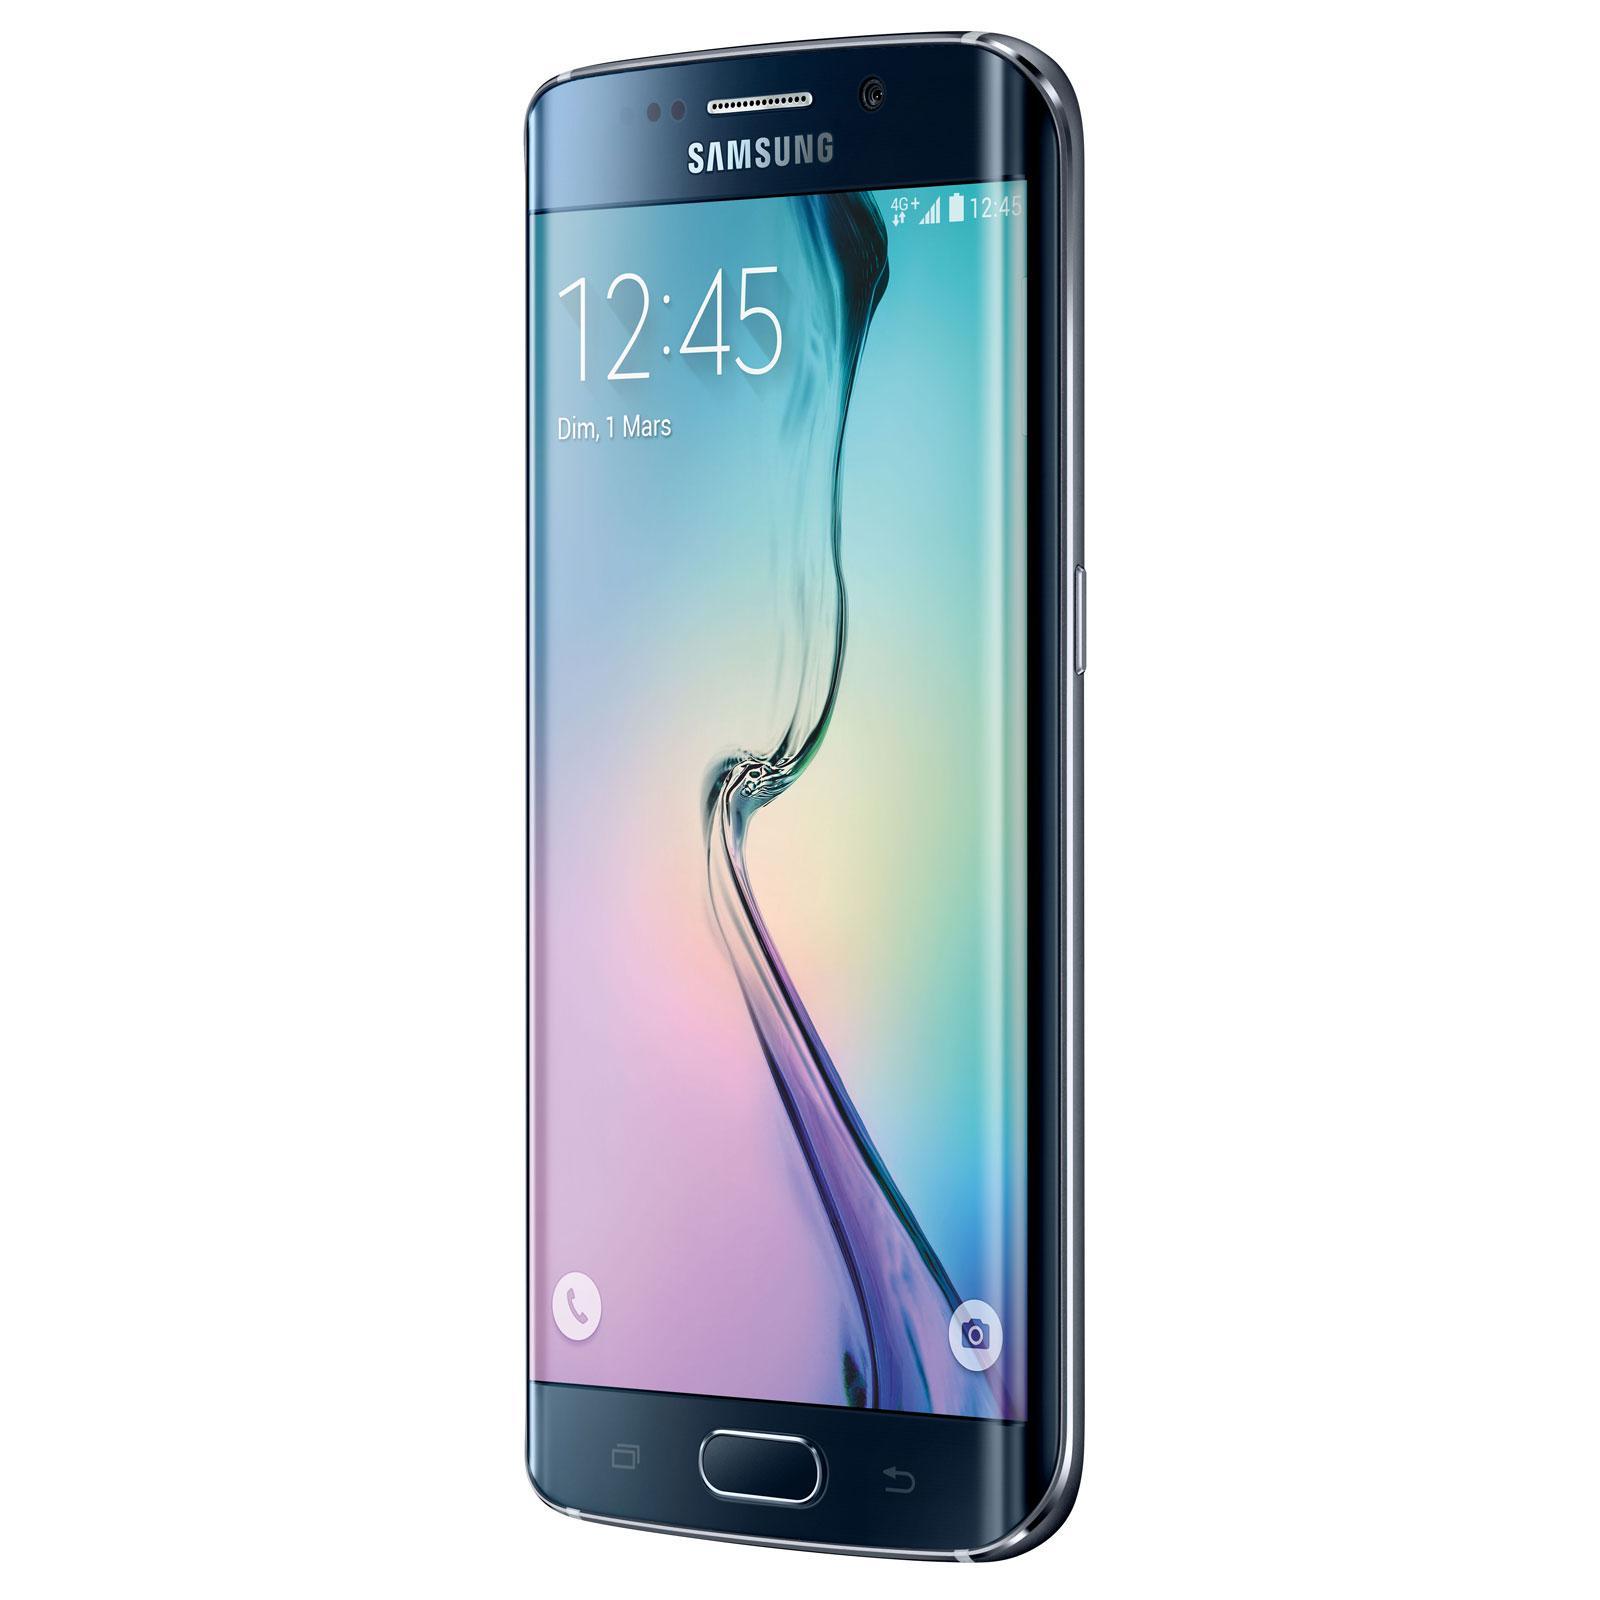 """Smartphone 5.1"""" Samsung Galaxy S6 Edge - 32 Go, Noir (via ODR de 50€)"""